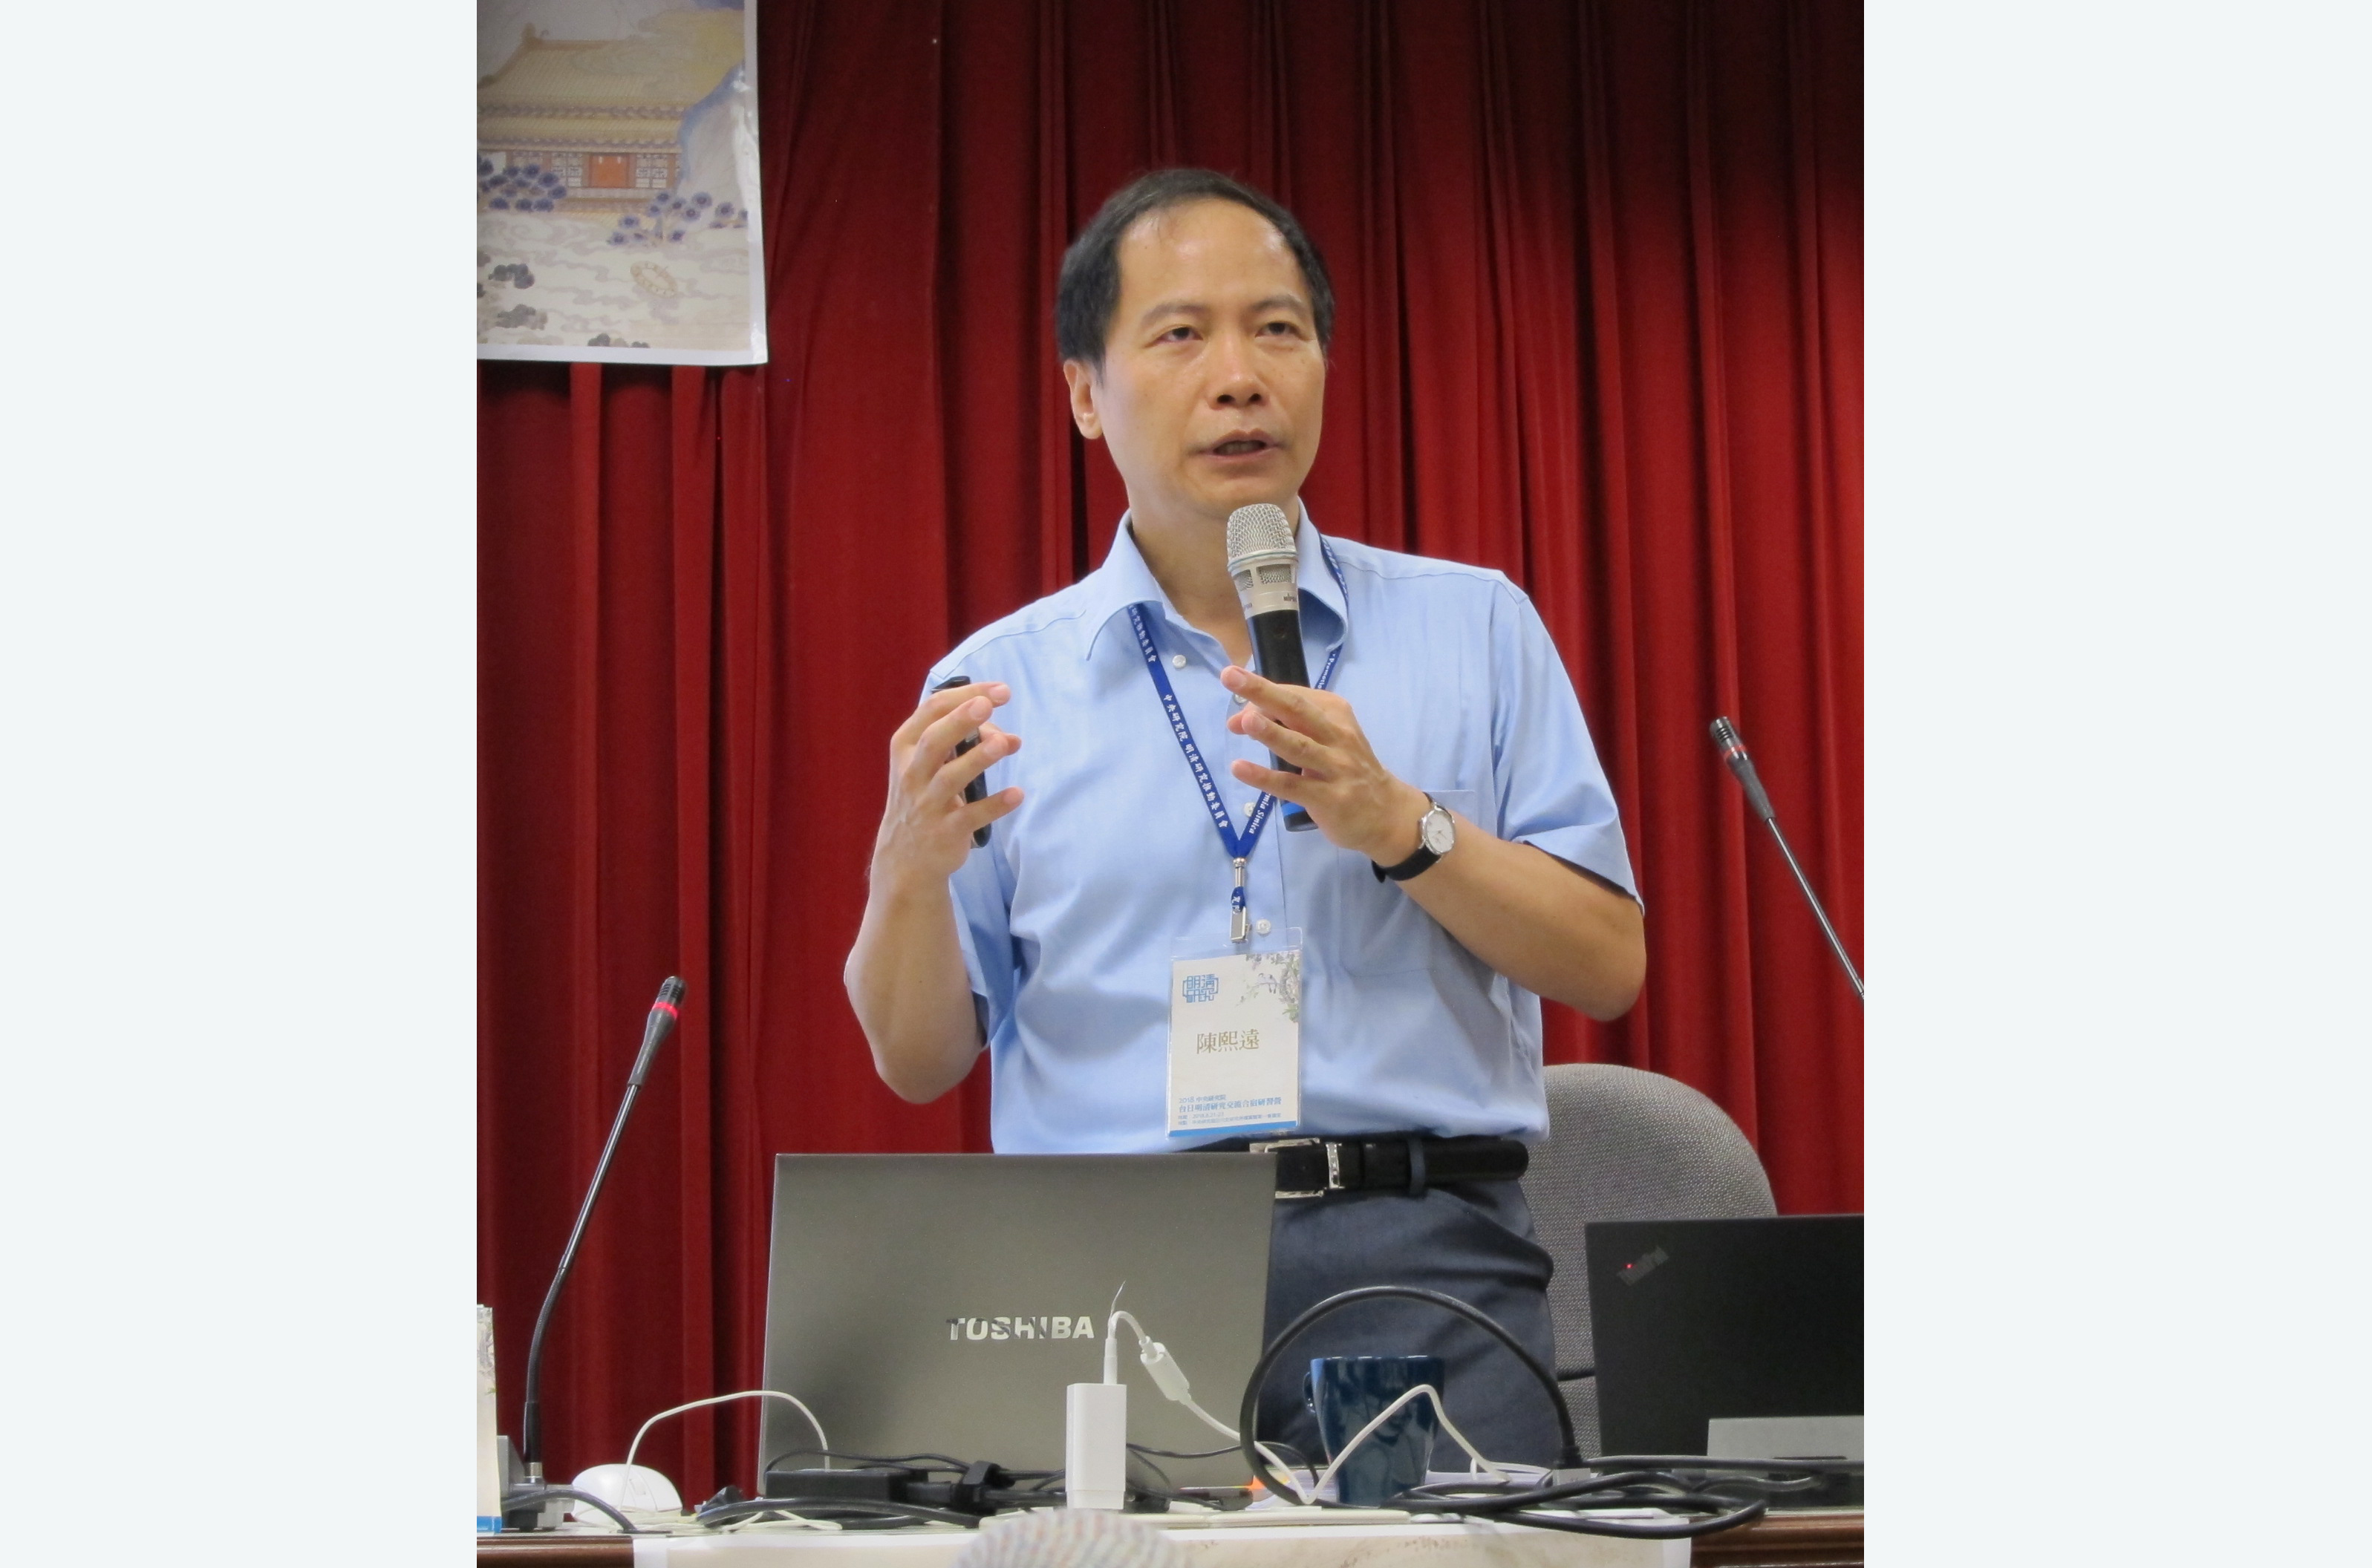 陳熙遠教授演講「身繫囹圄之神──明清從中央到地方的獄神信仰」紀要